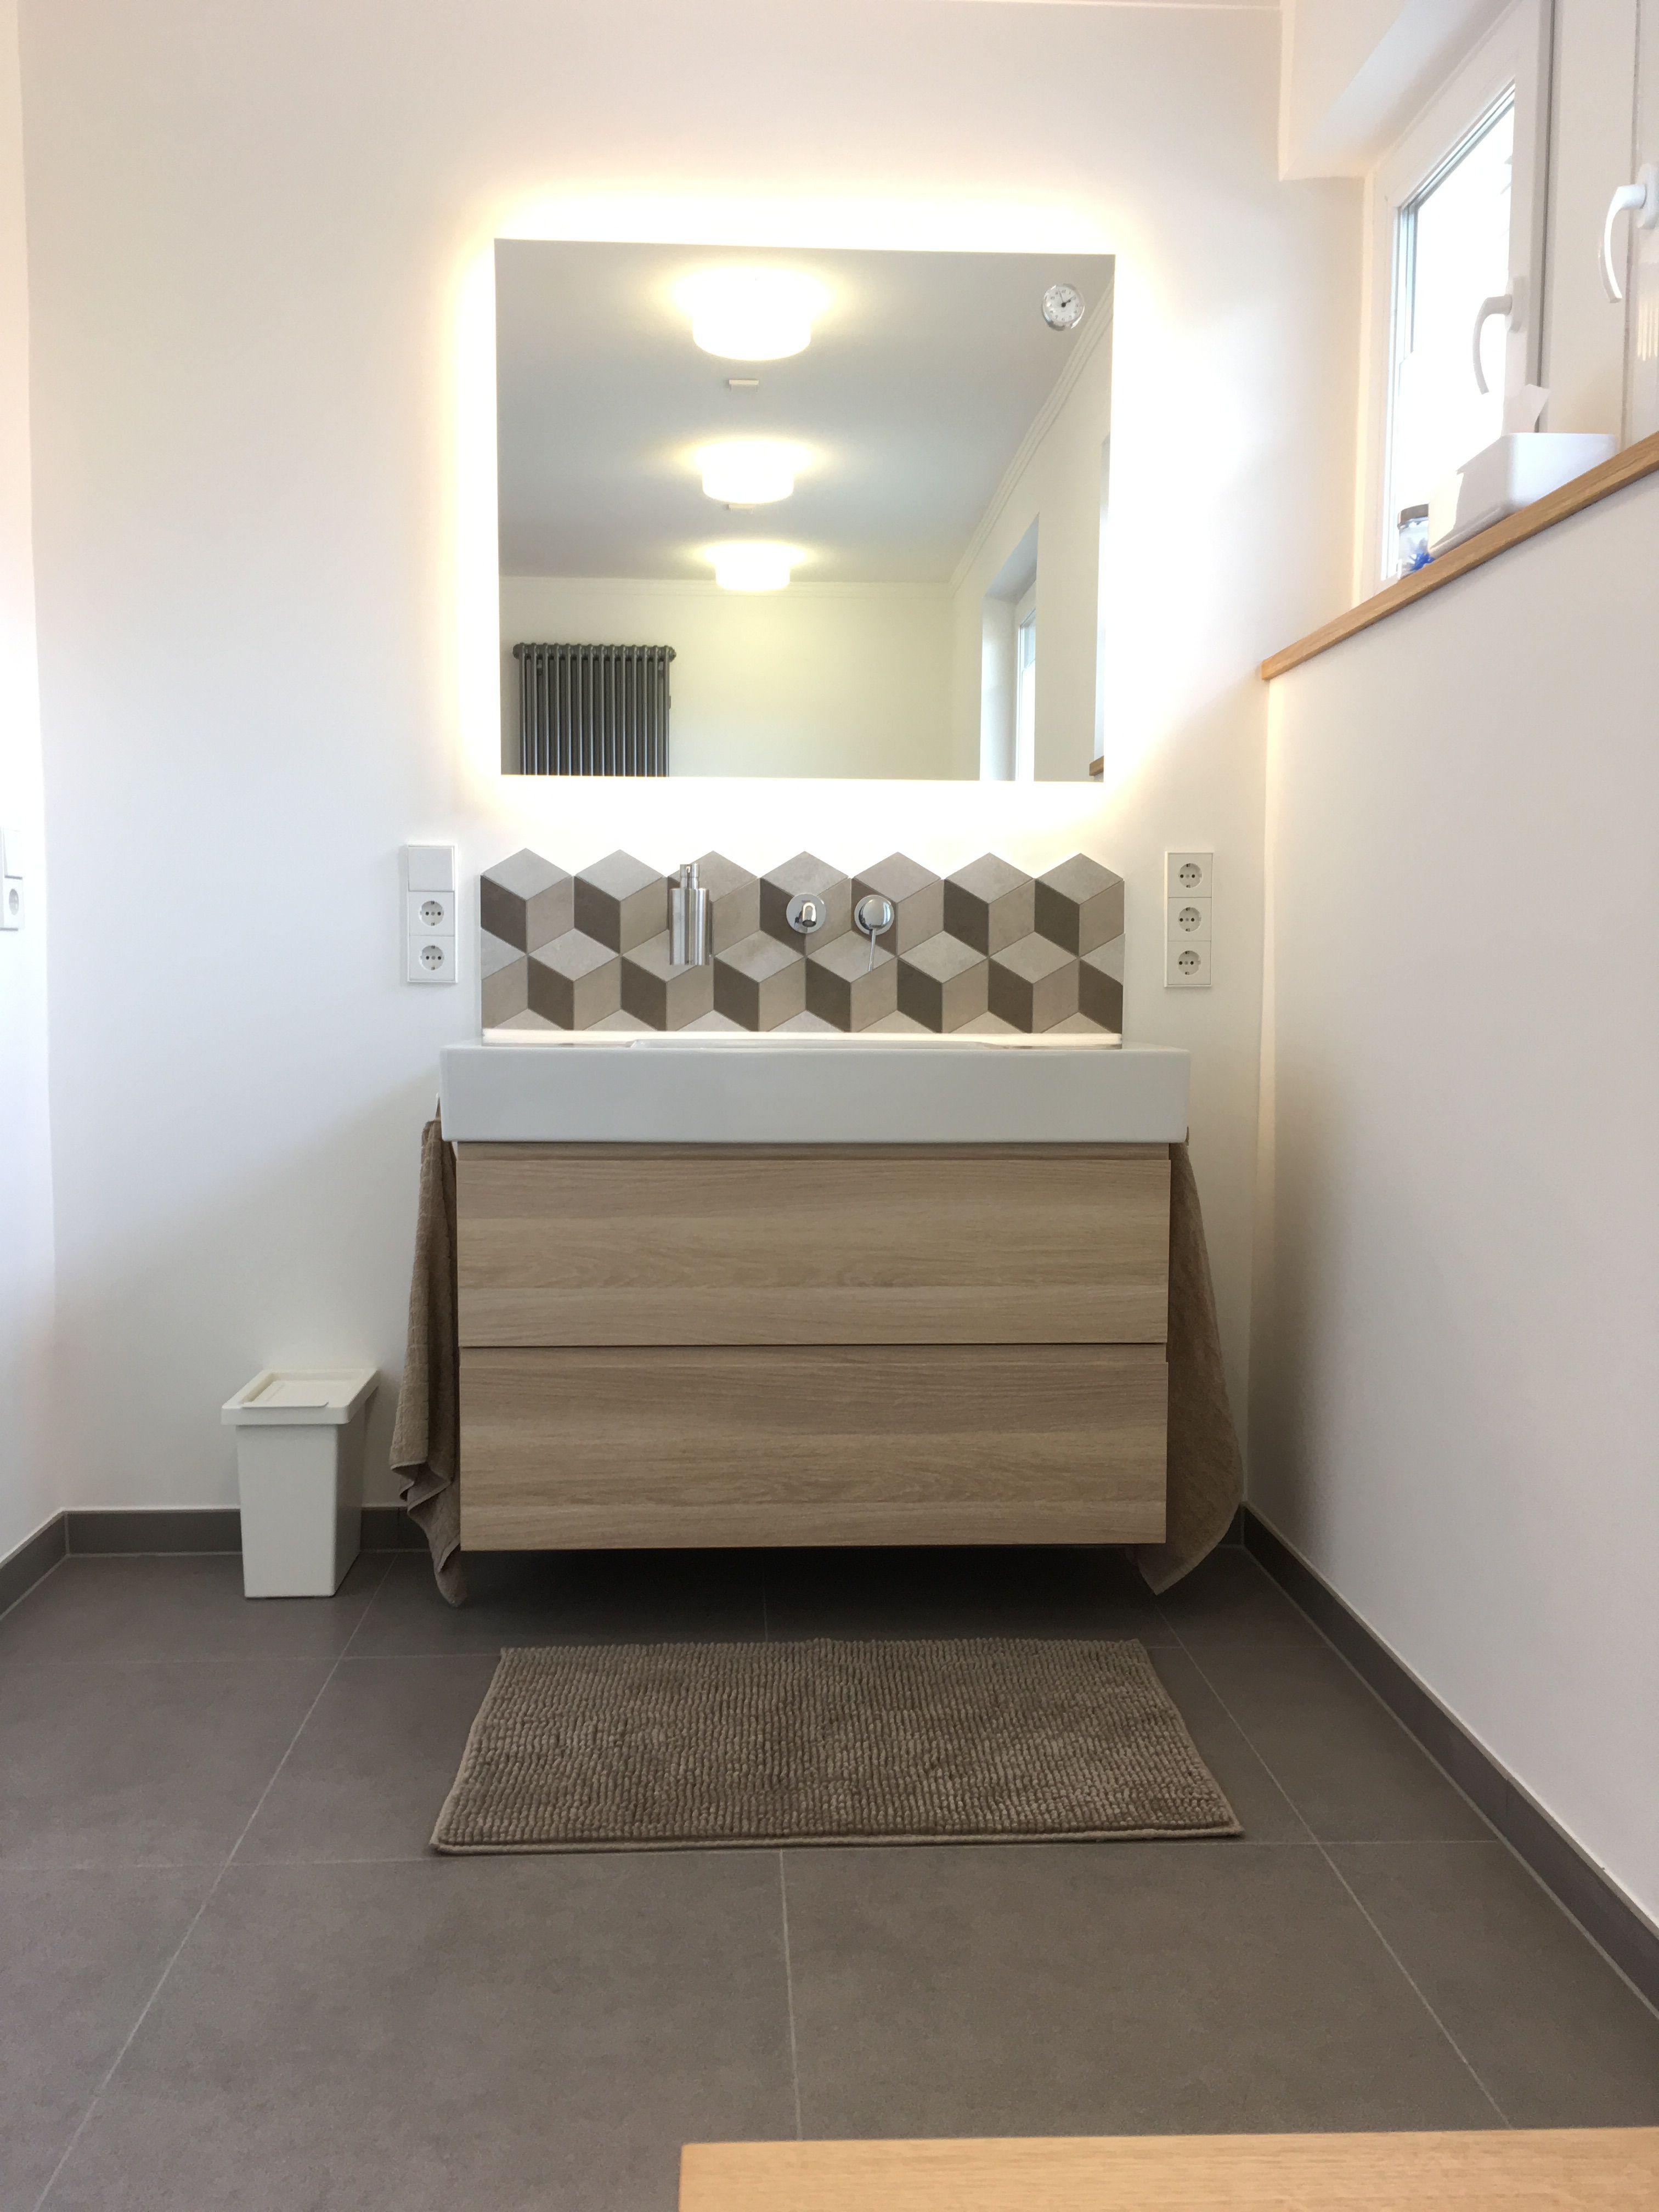 Waschbecken Duravit Vero Mit Ikea Unterschrank Fliesen Grau Geometrisch Eiche Mit Bildern Badezimmer Eiche Ikea Bad Badezimmerideen